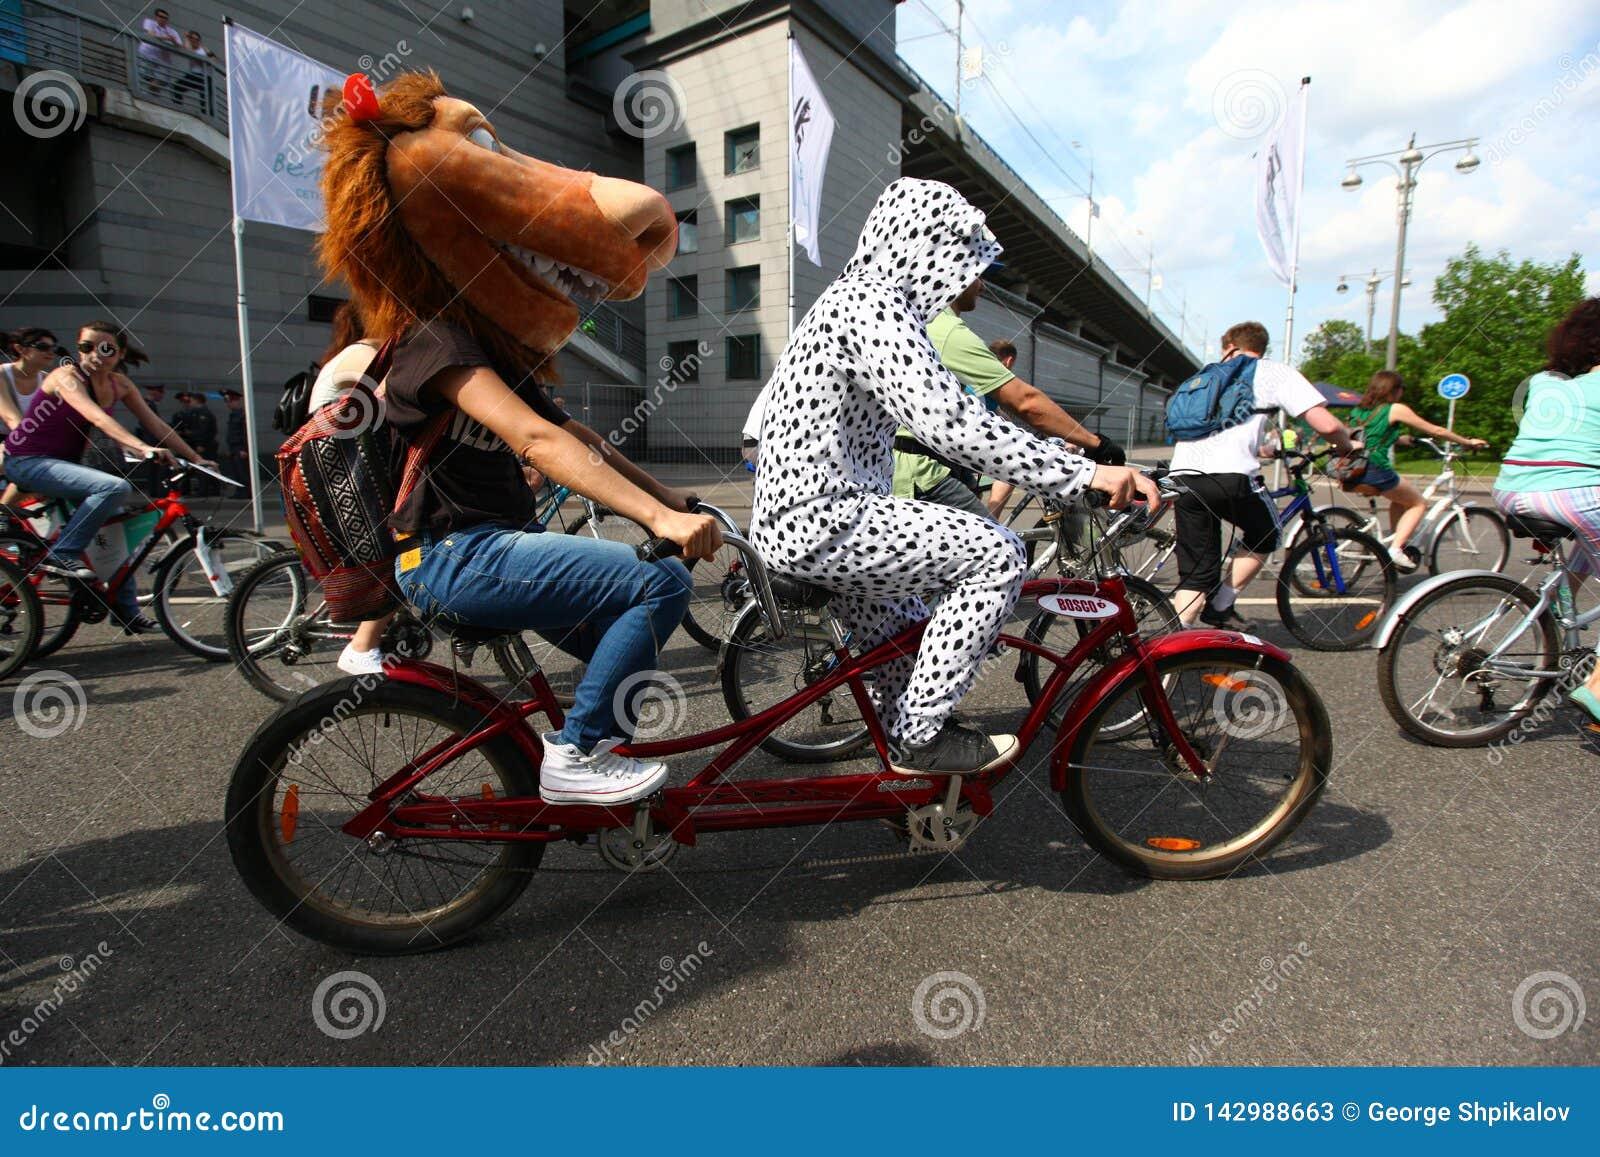 MOSKVA RYSSLAND - 20 Maj 2002: Att cykla för stad ståtar, hästen, och dalmationen kostymerade deltagare på en tandem cykel